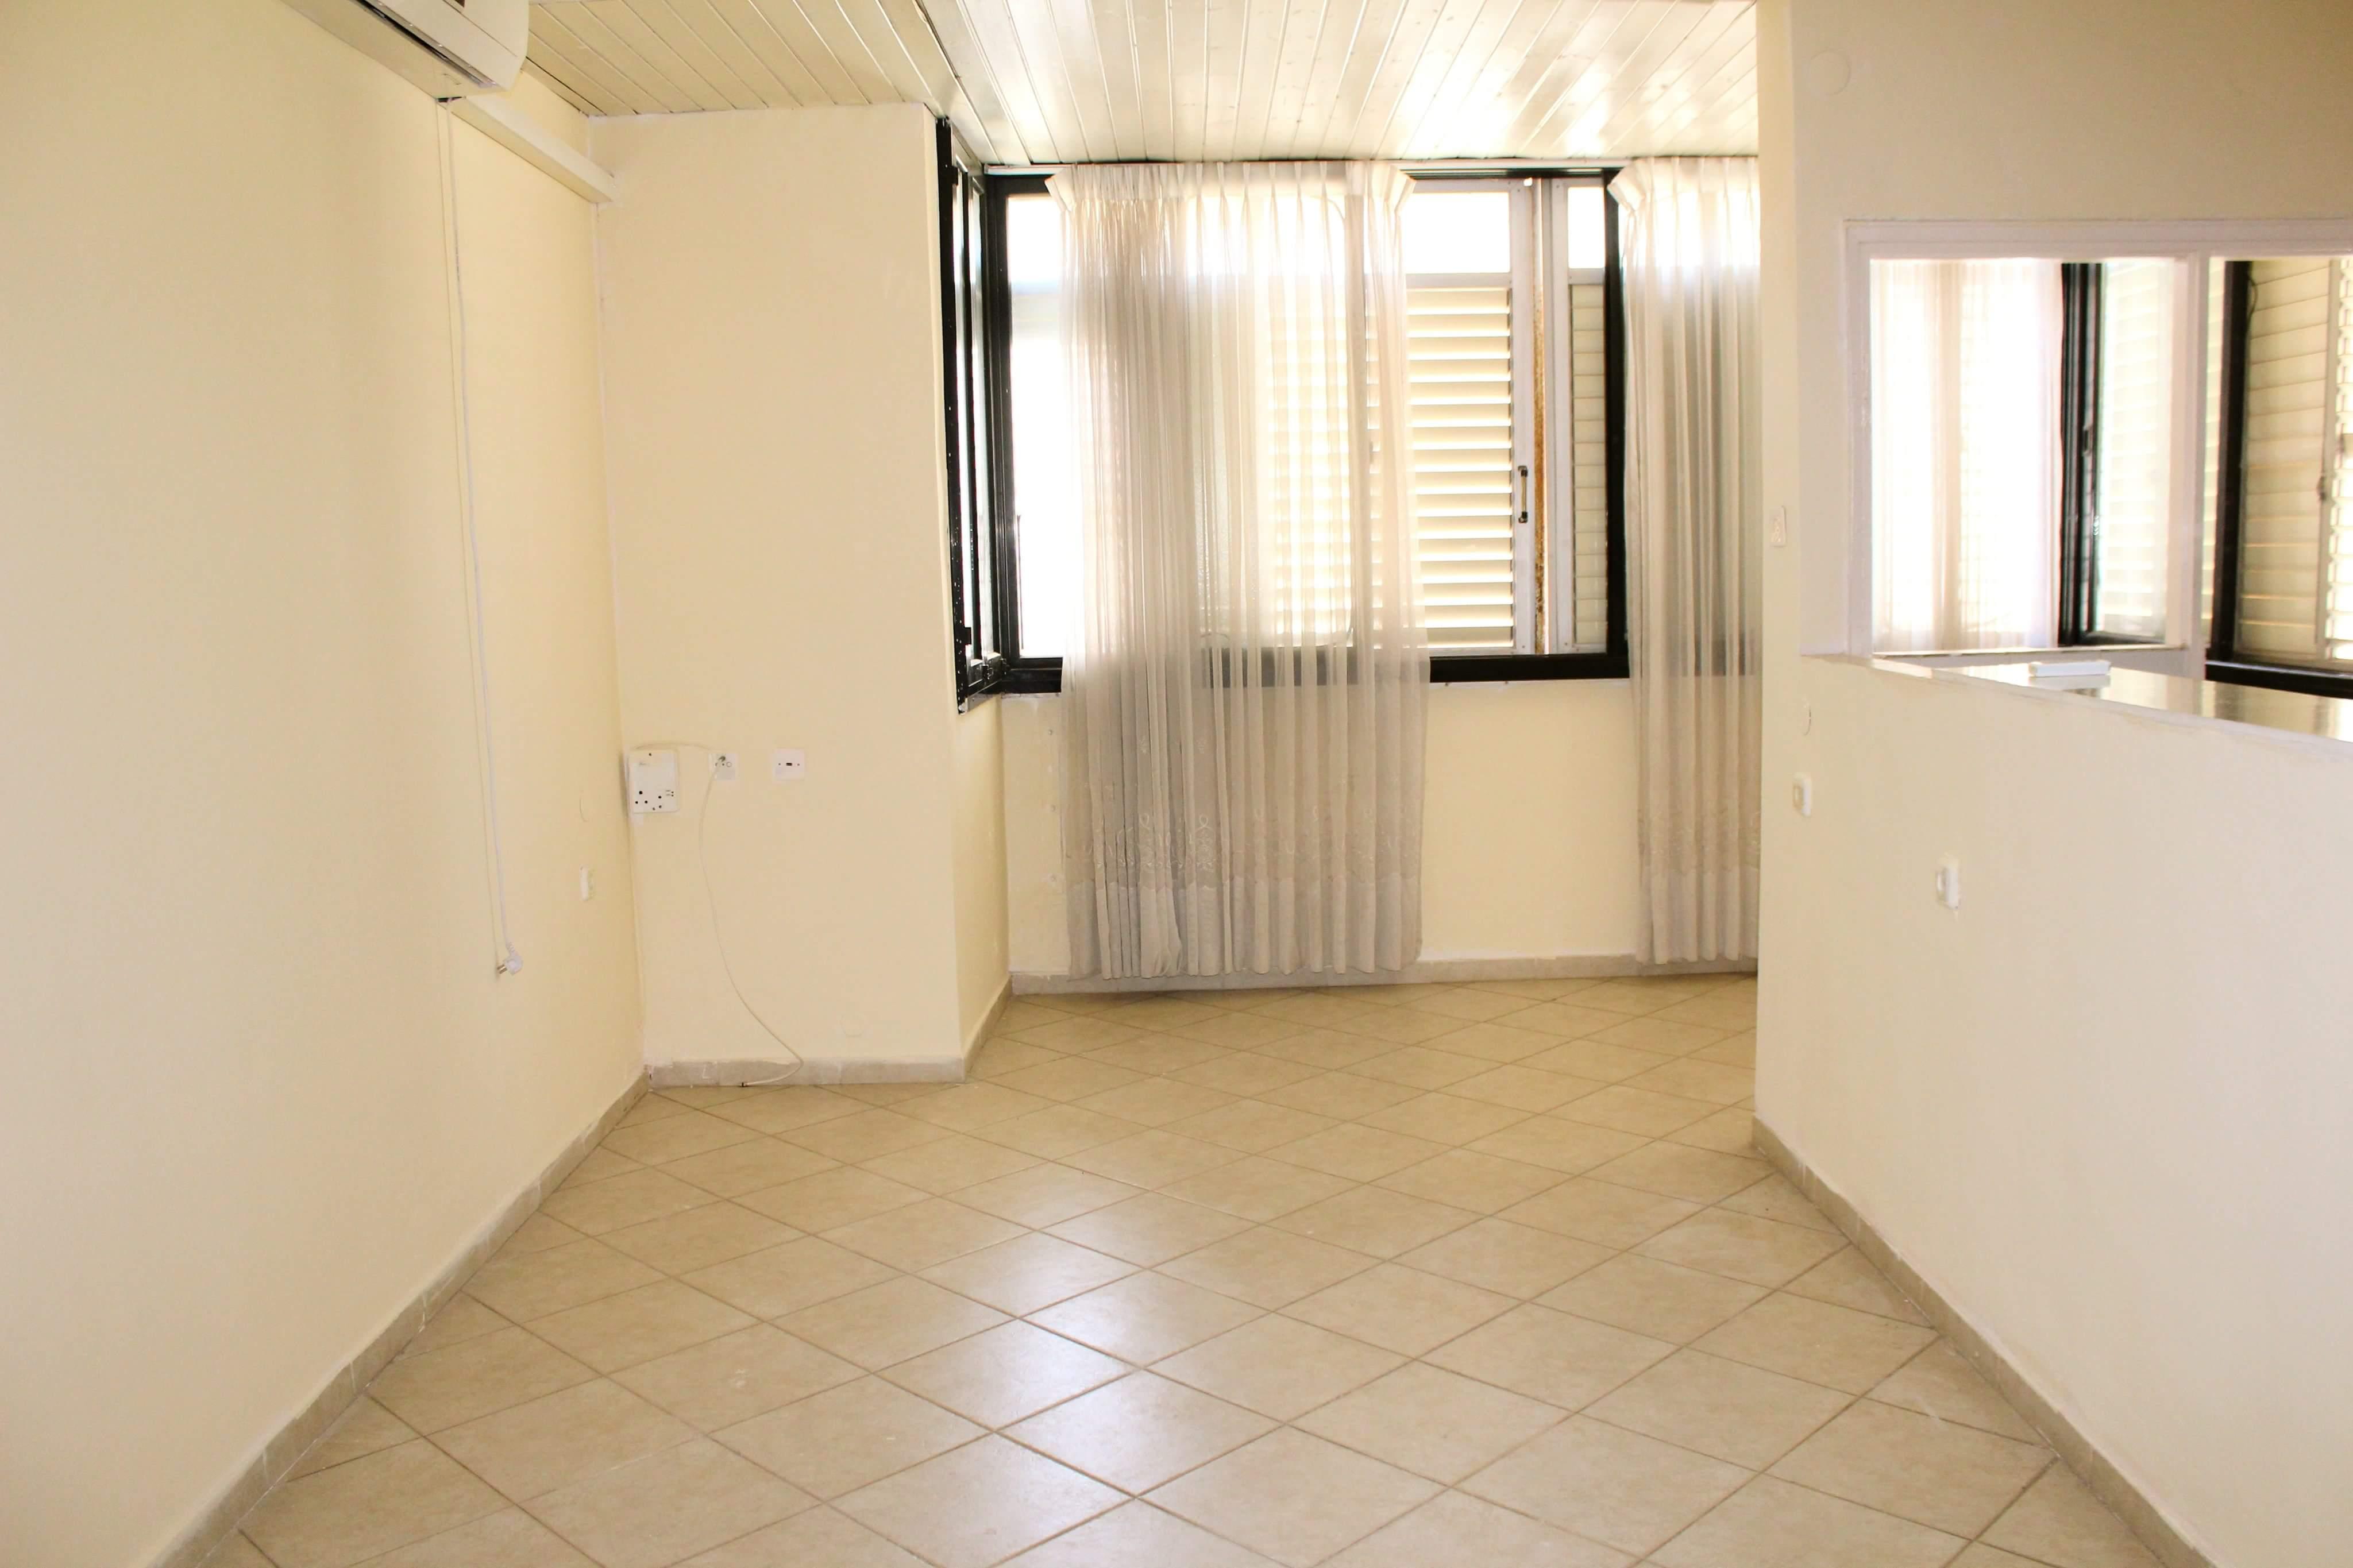 דירת 3 חדרים בסלומון